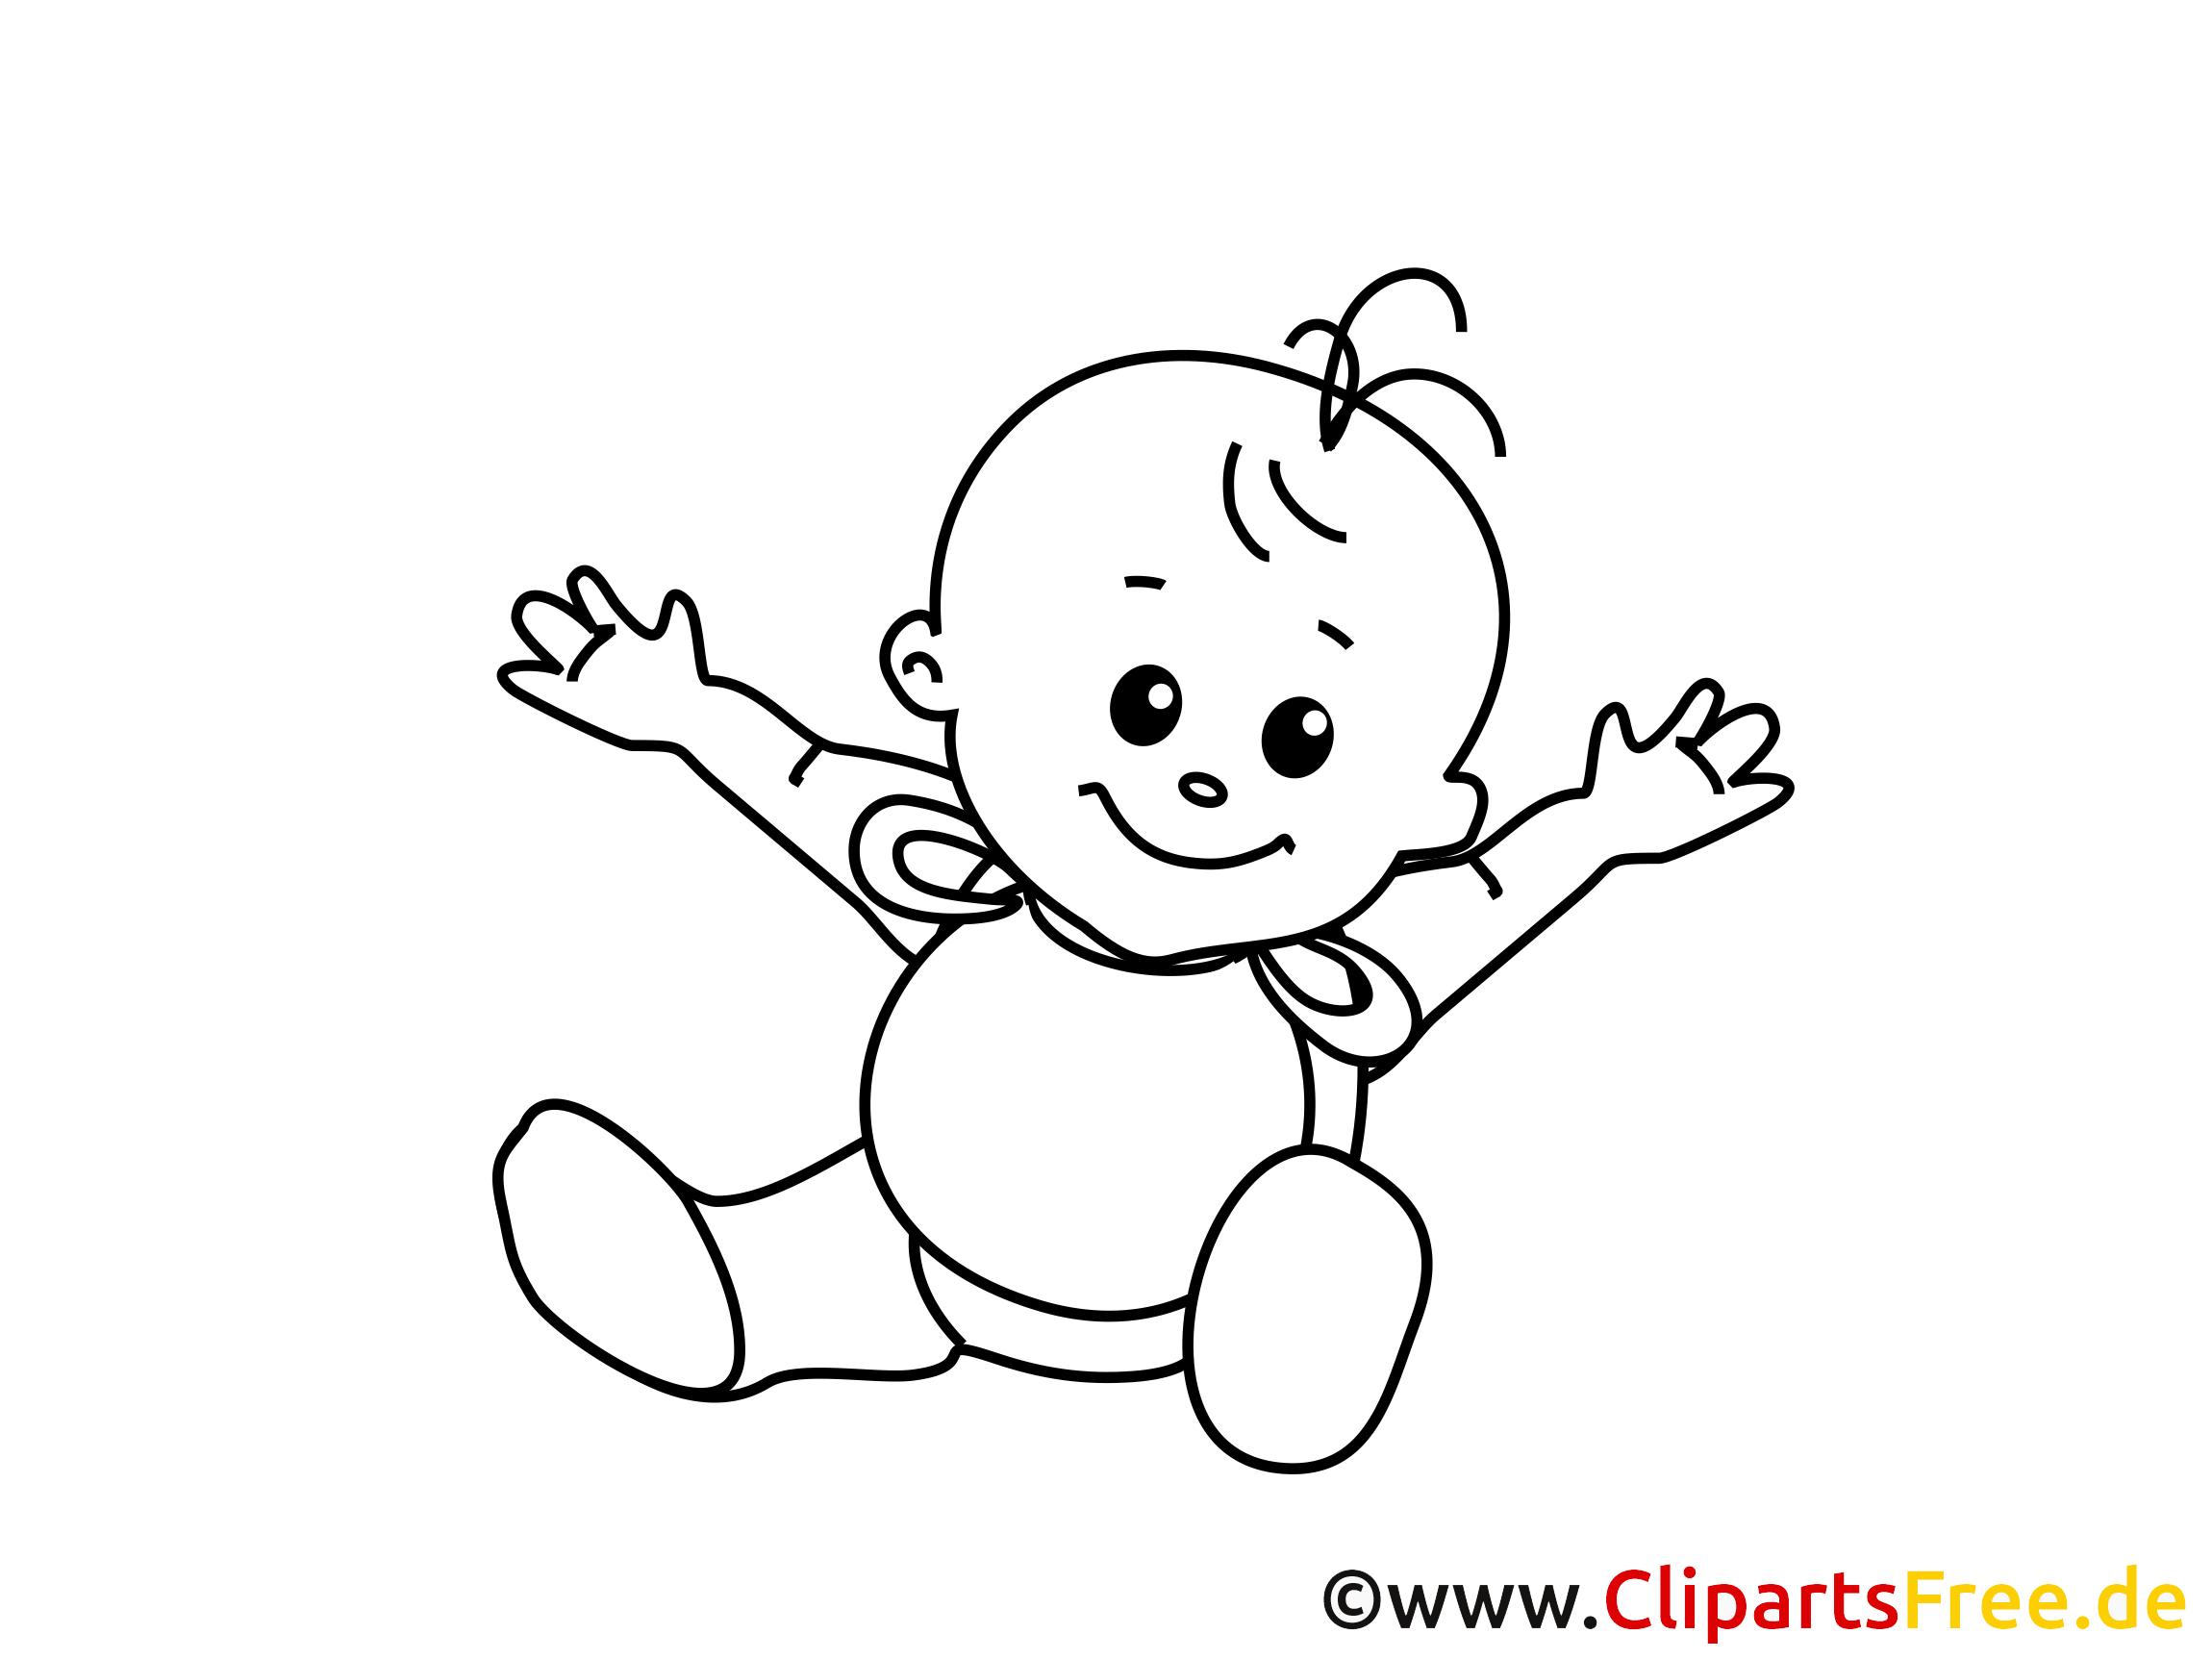 malvorlagen baby  28 images  baby malvorlagen